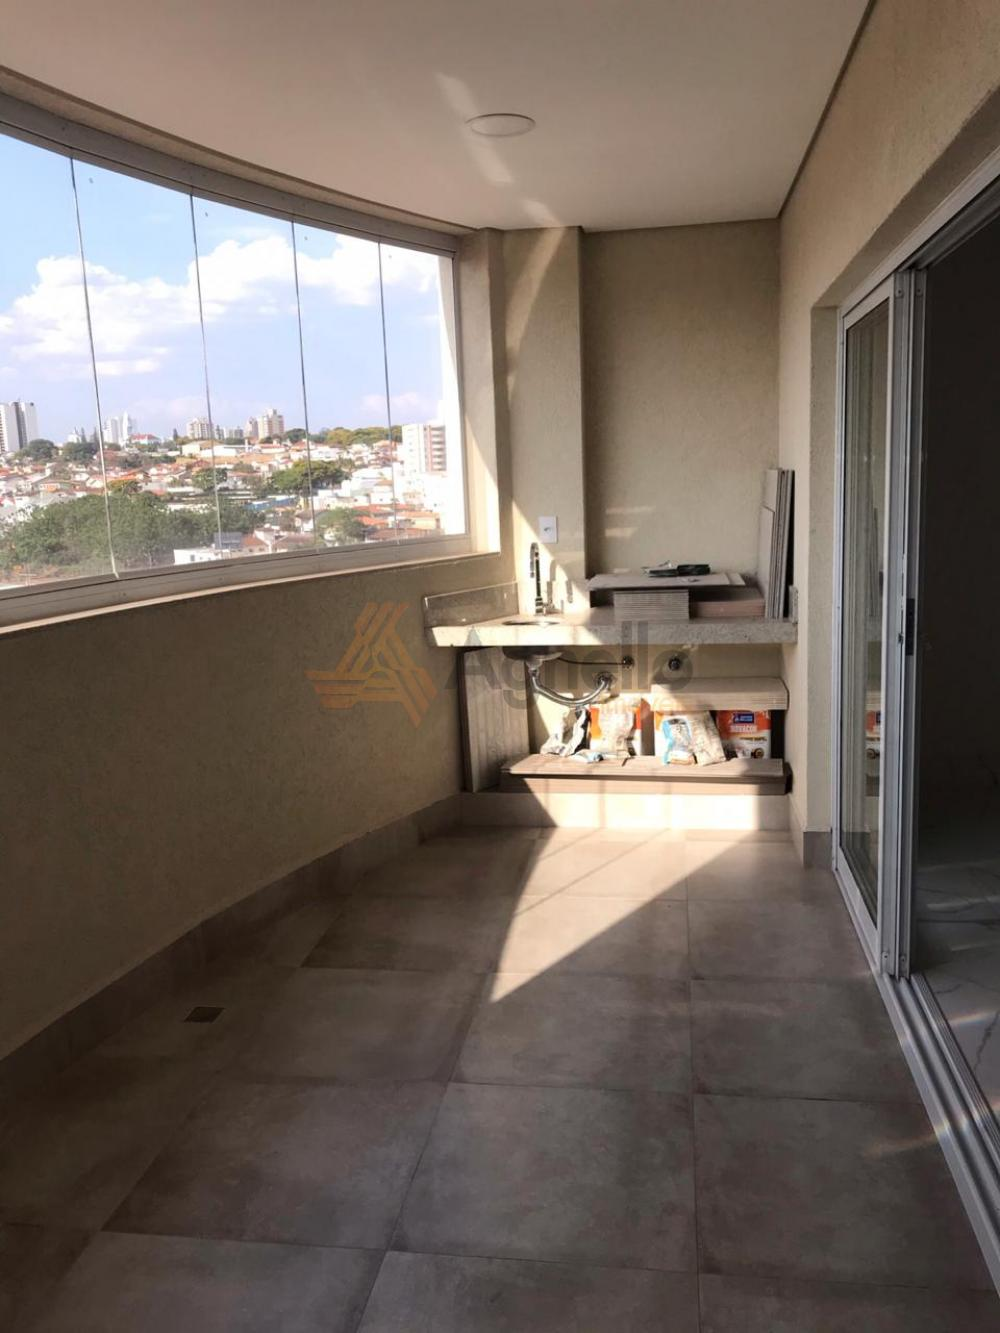 Comprar Apartamento / Padrão em Franca R$ 750.000,00 - Foto 3